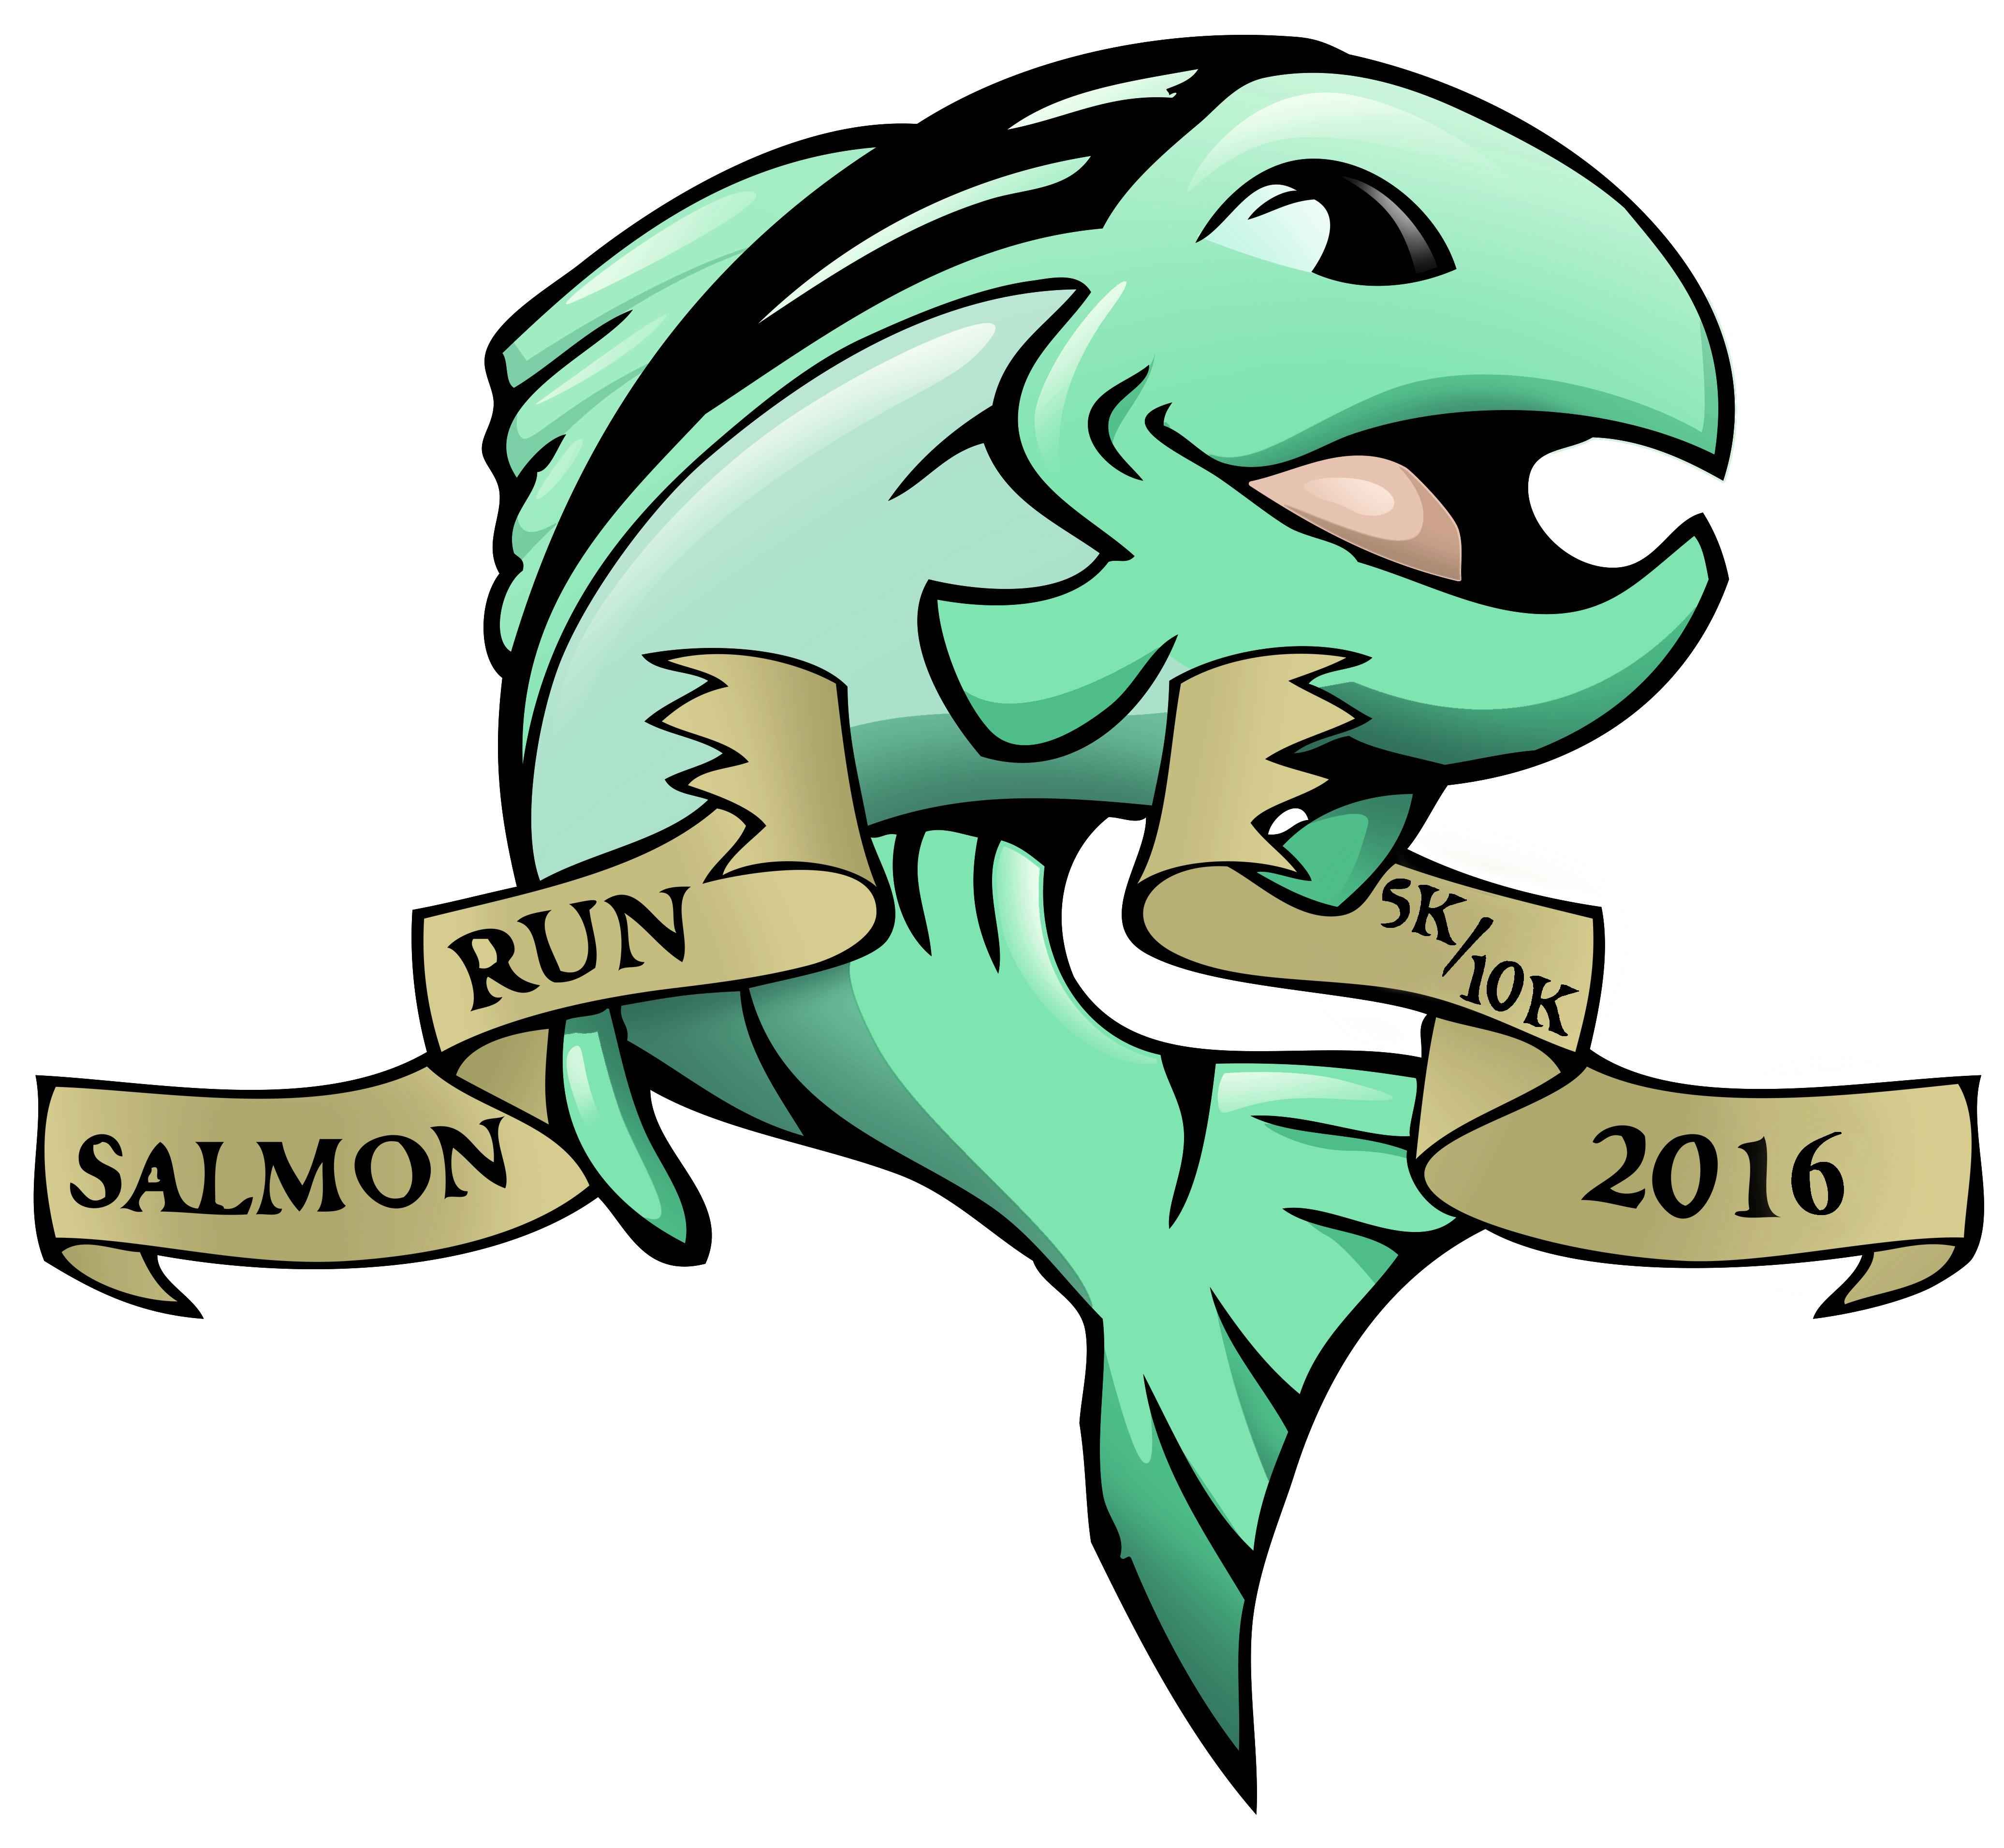 Salmon Run 5k/10k.